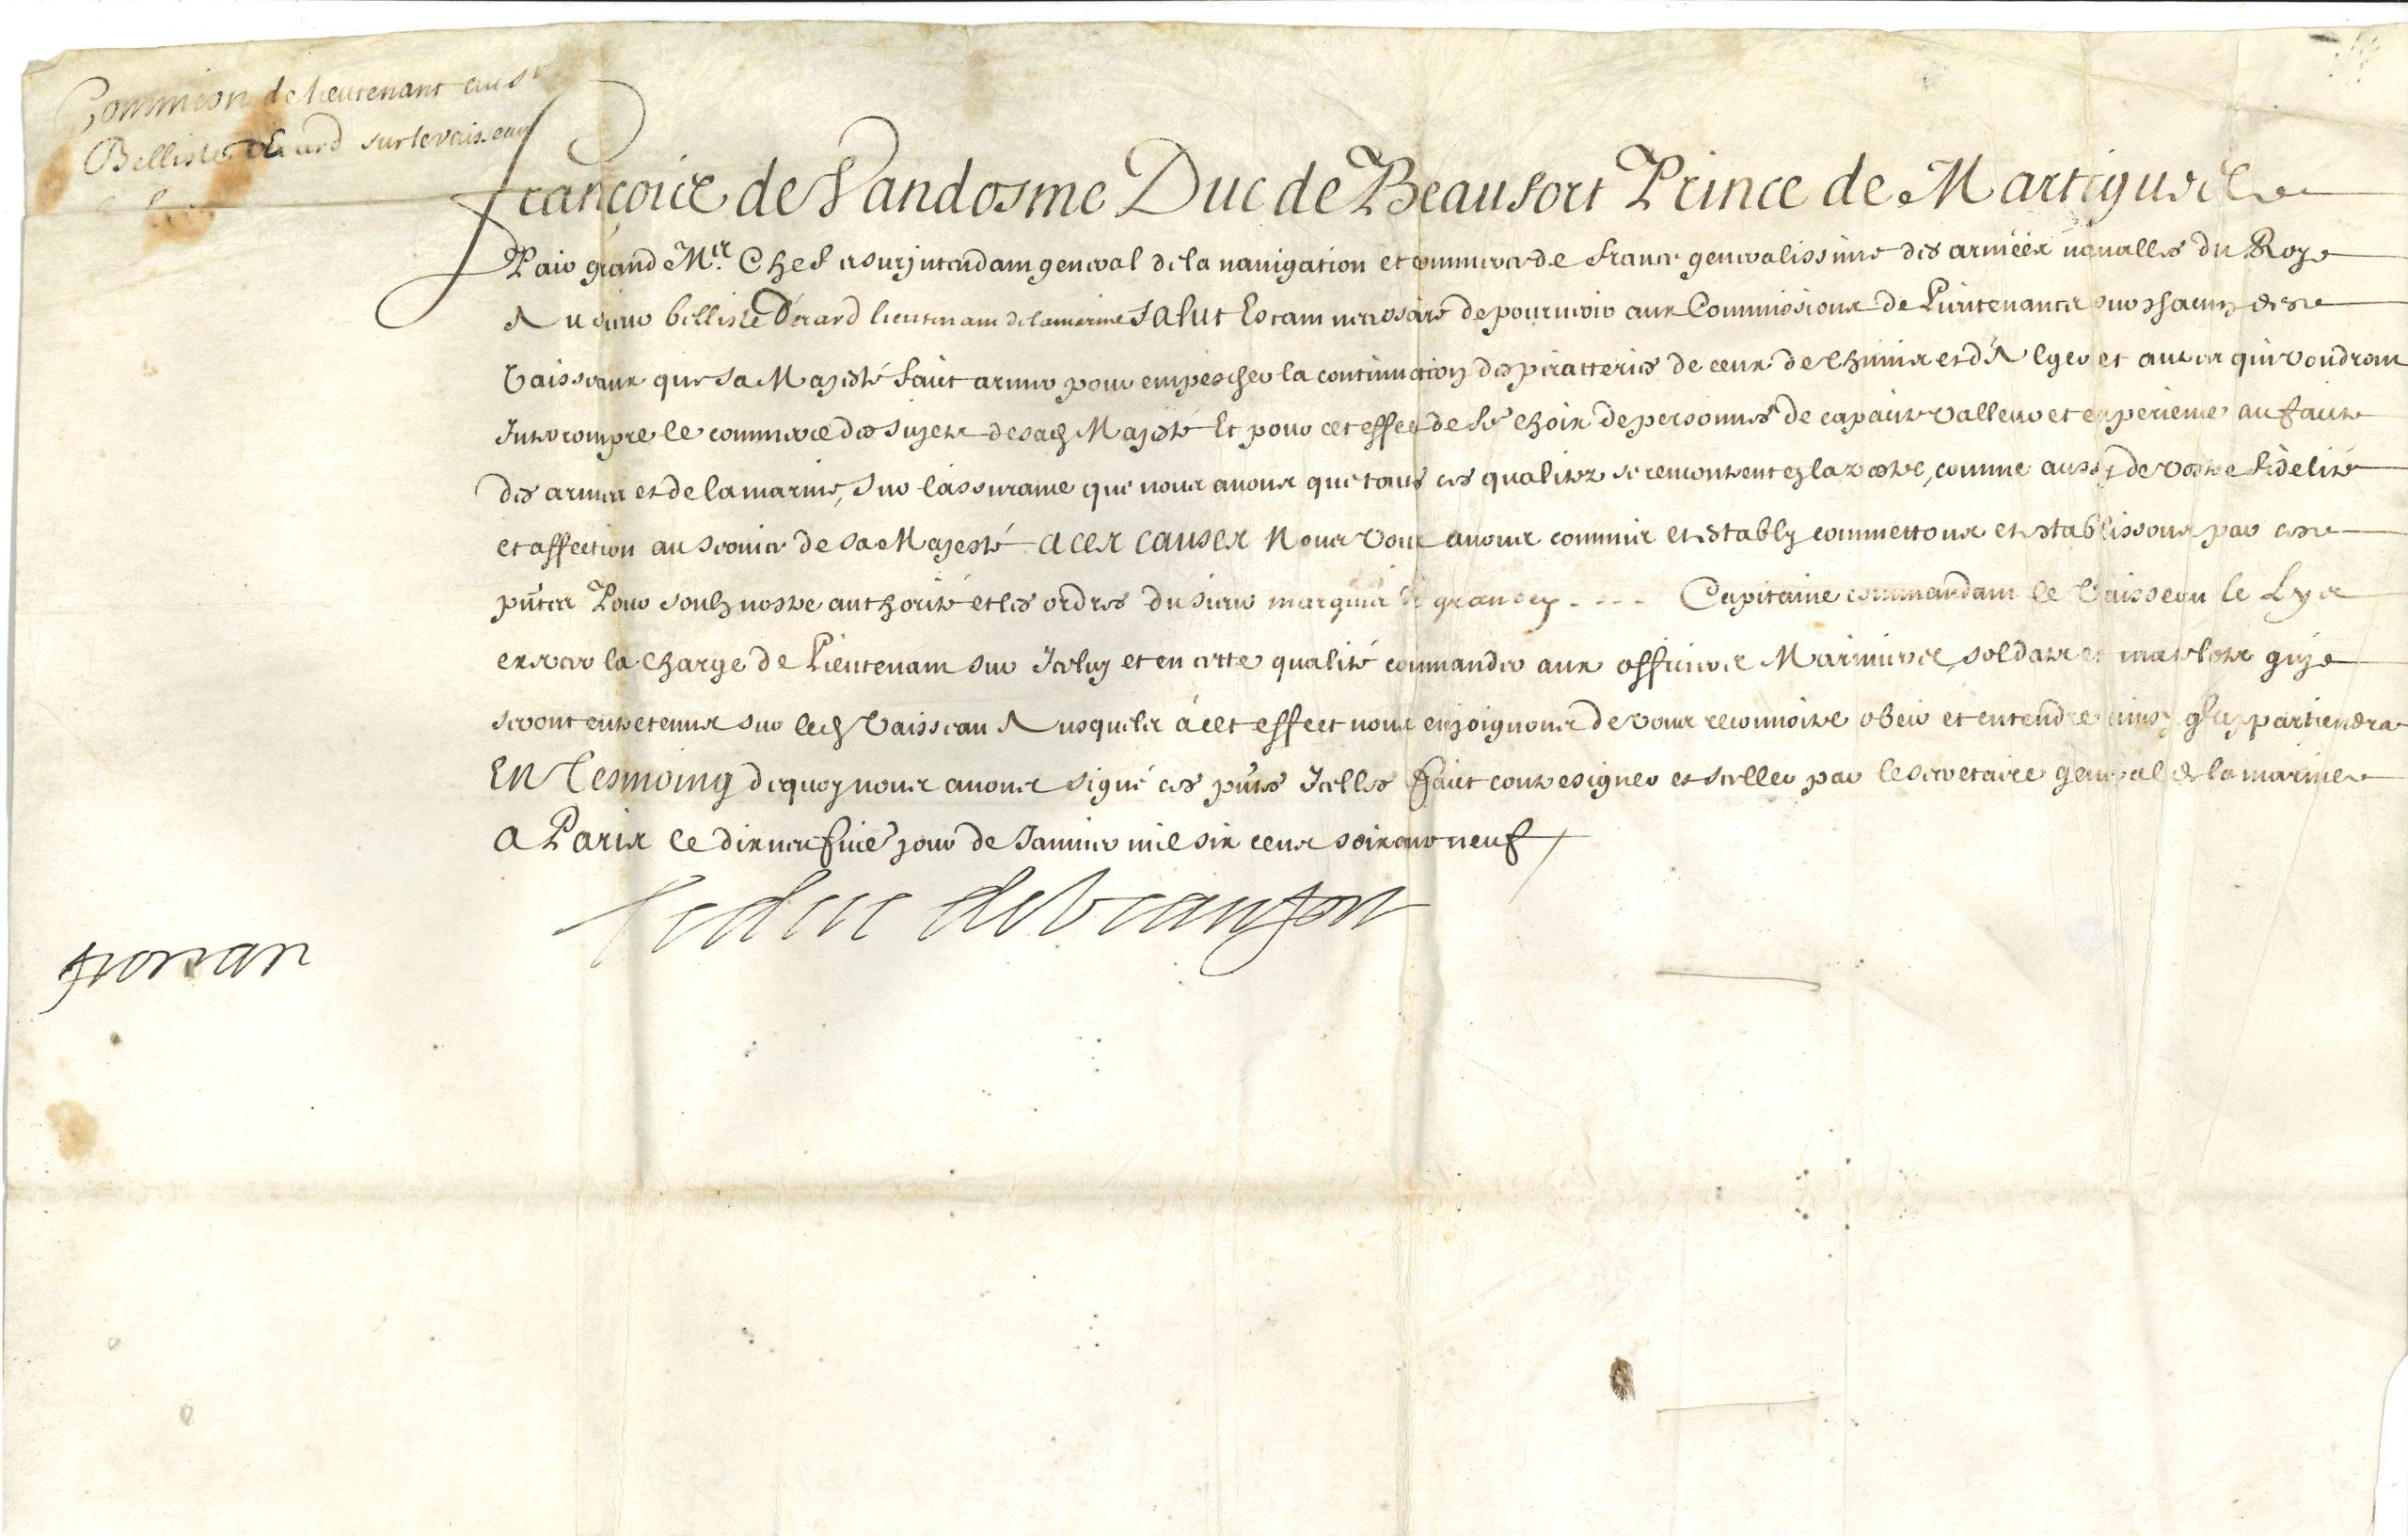 017 François de Vendôme, duc de BEAUFORT (1616-1669) amiral, un des chefs de la Fronde, surnommé «le Roi des Halles», mort au siège de Candie Image